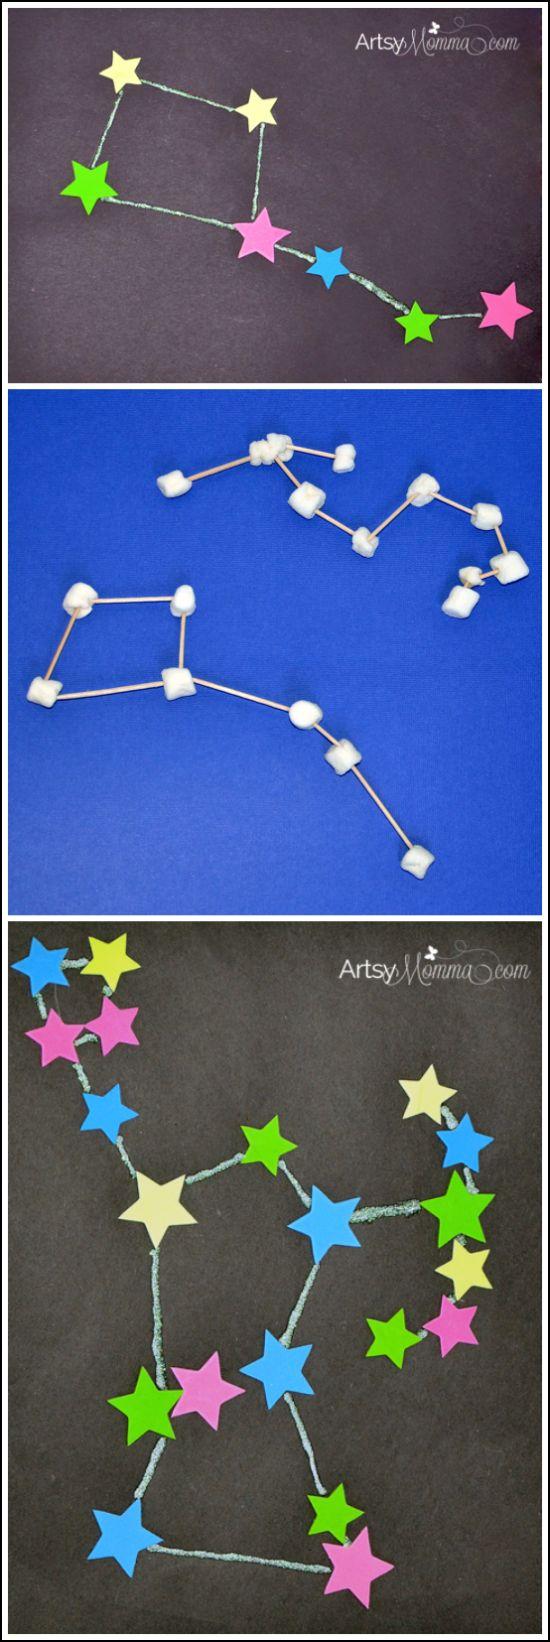 Pour en apprendre plus à propos des constellations... Bricolage et sculpture étoilés!